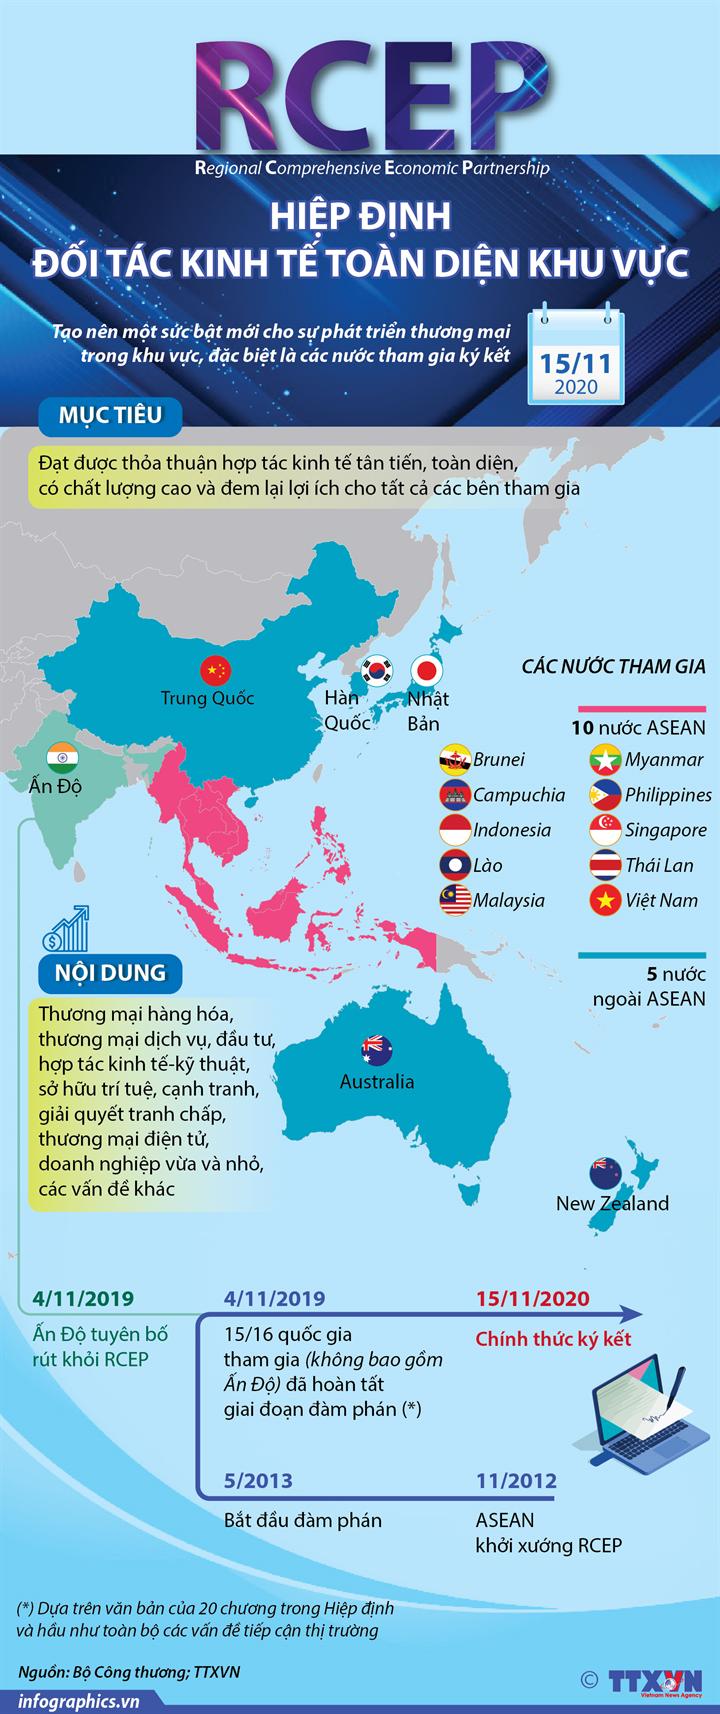 Hiệp định Đối tác Kinh tế Toàn diện Khu vực (RCEP)